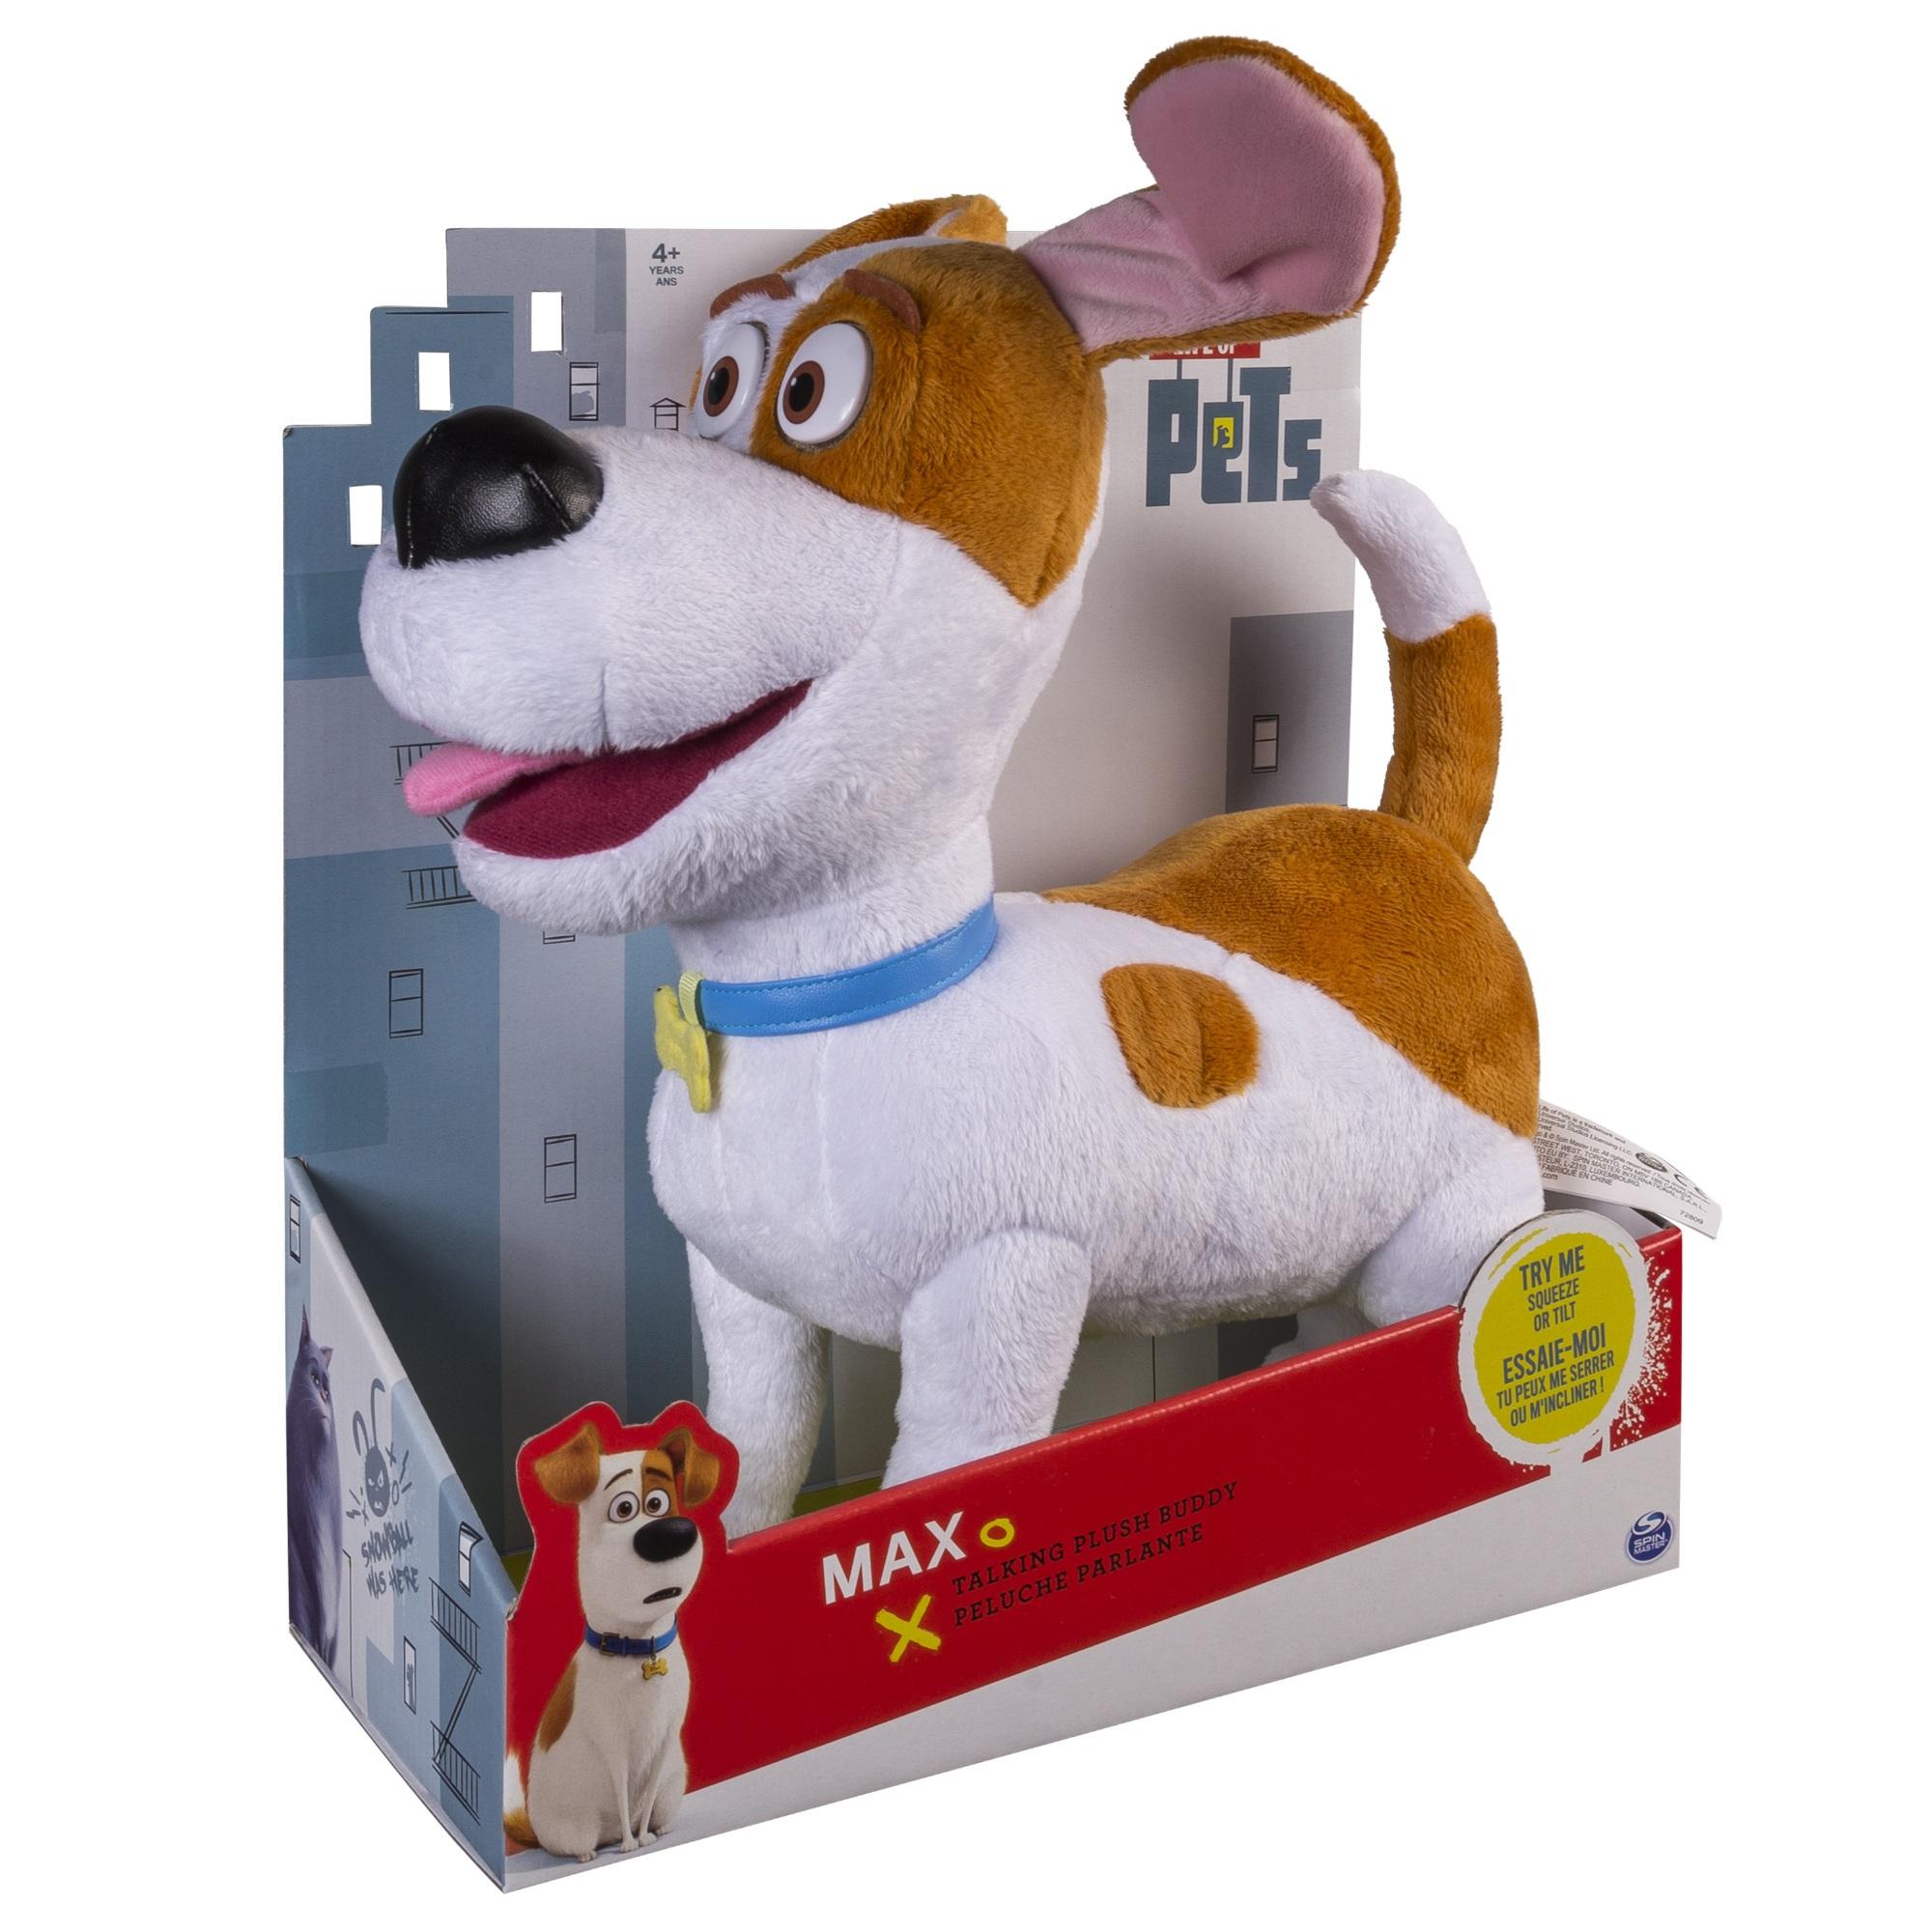 Мягкая игрушка Тайная жизнь домашних животных (Secret Life Of Pets). Терьер Макс со звуком